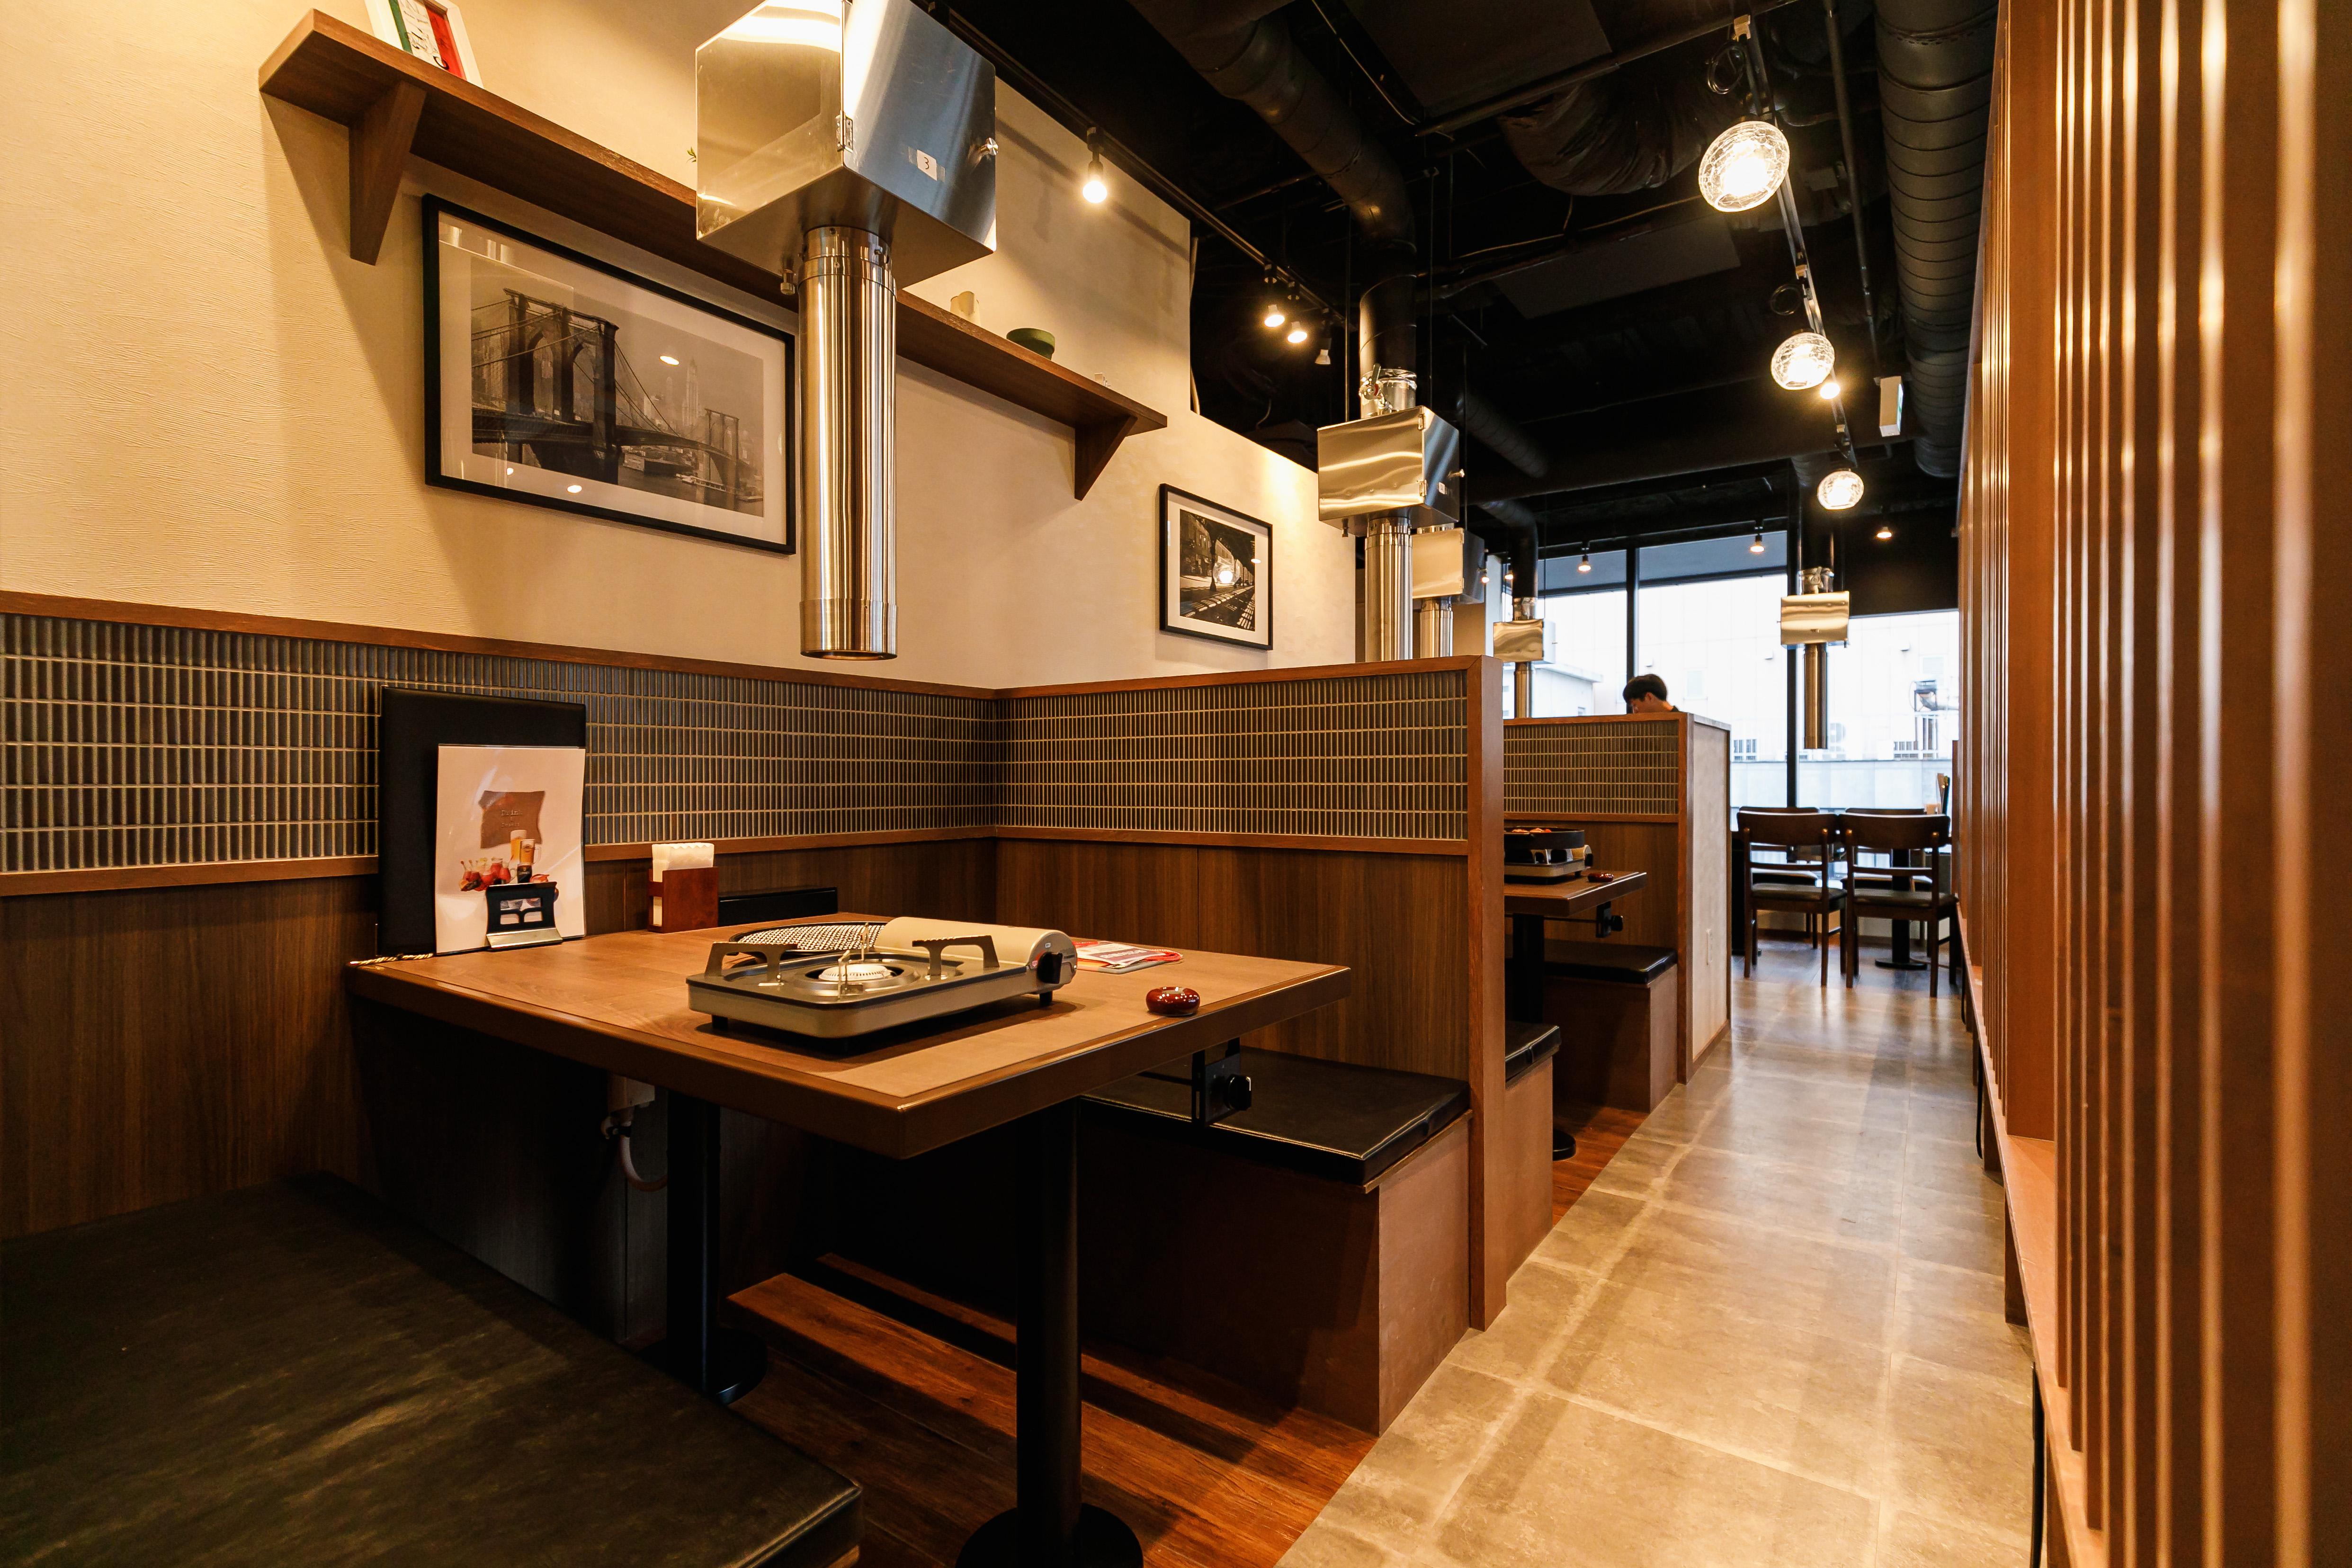 本場韓国の味を楽しめる「KollaBo」&汎用性の高い貸切専用多目的スペース「ELLE HALL Dining」 - 112A7061